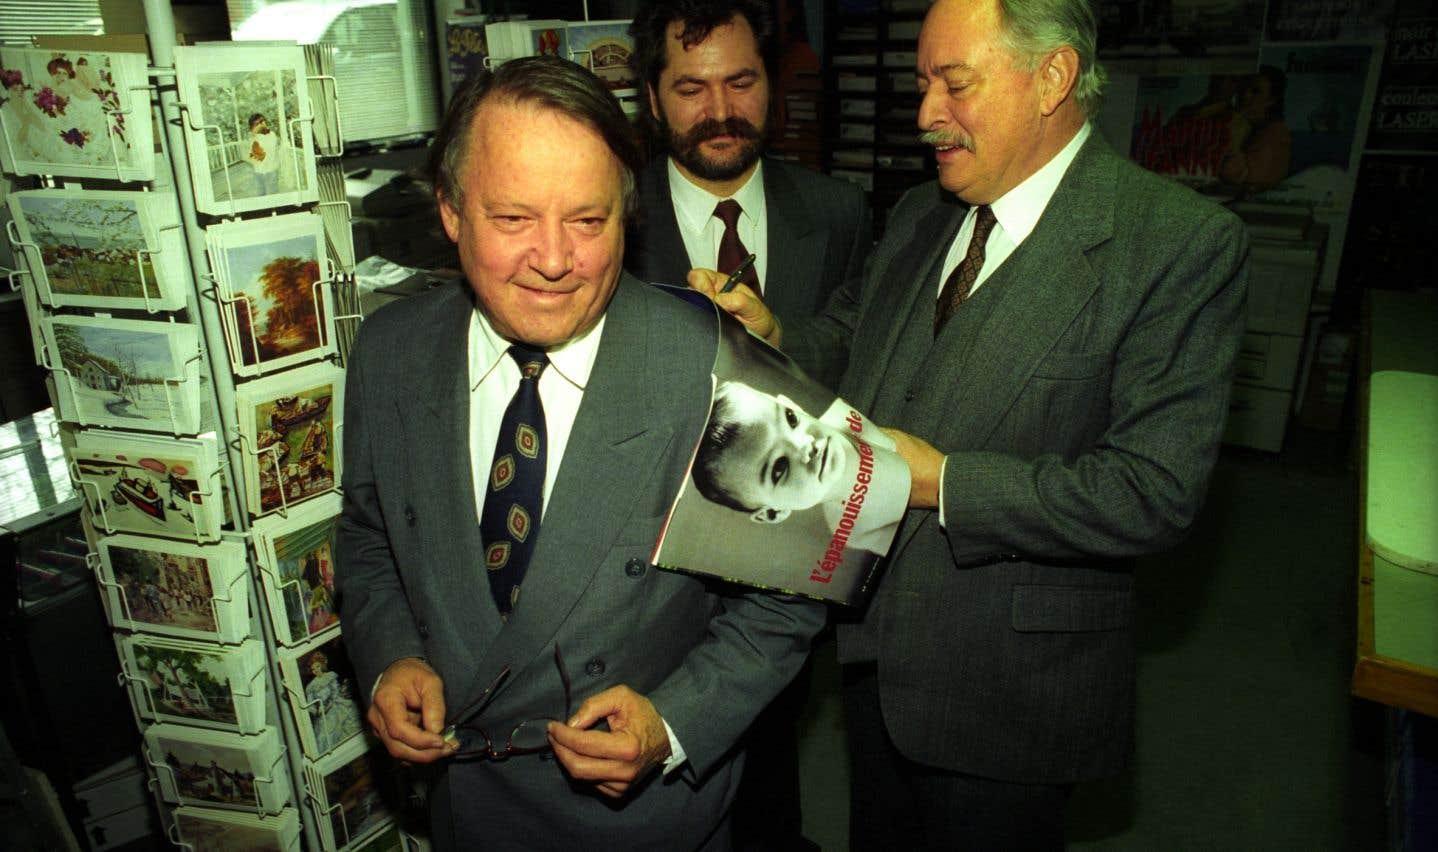 Bernard Landry est devenu vice-premier ministre du Québec sous la gouverne de Jacques Parizeau, en 1994.